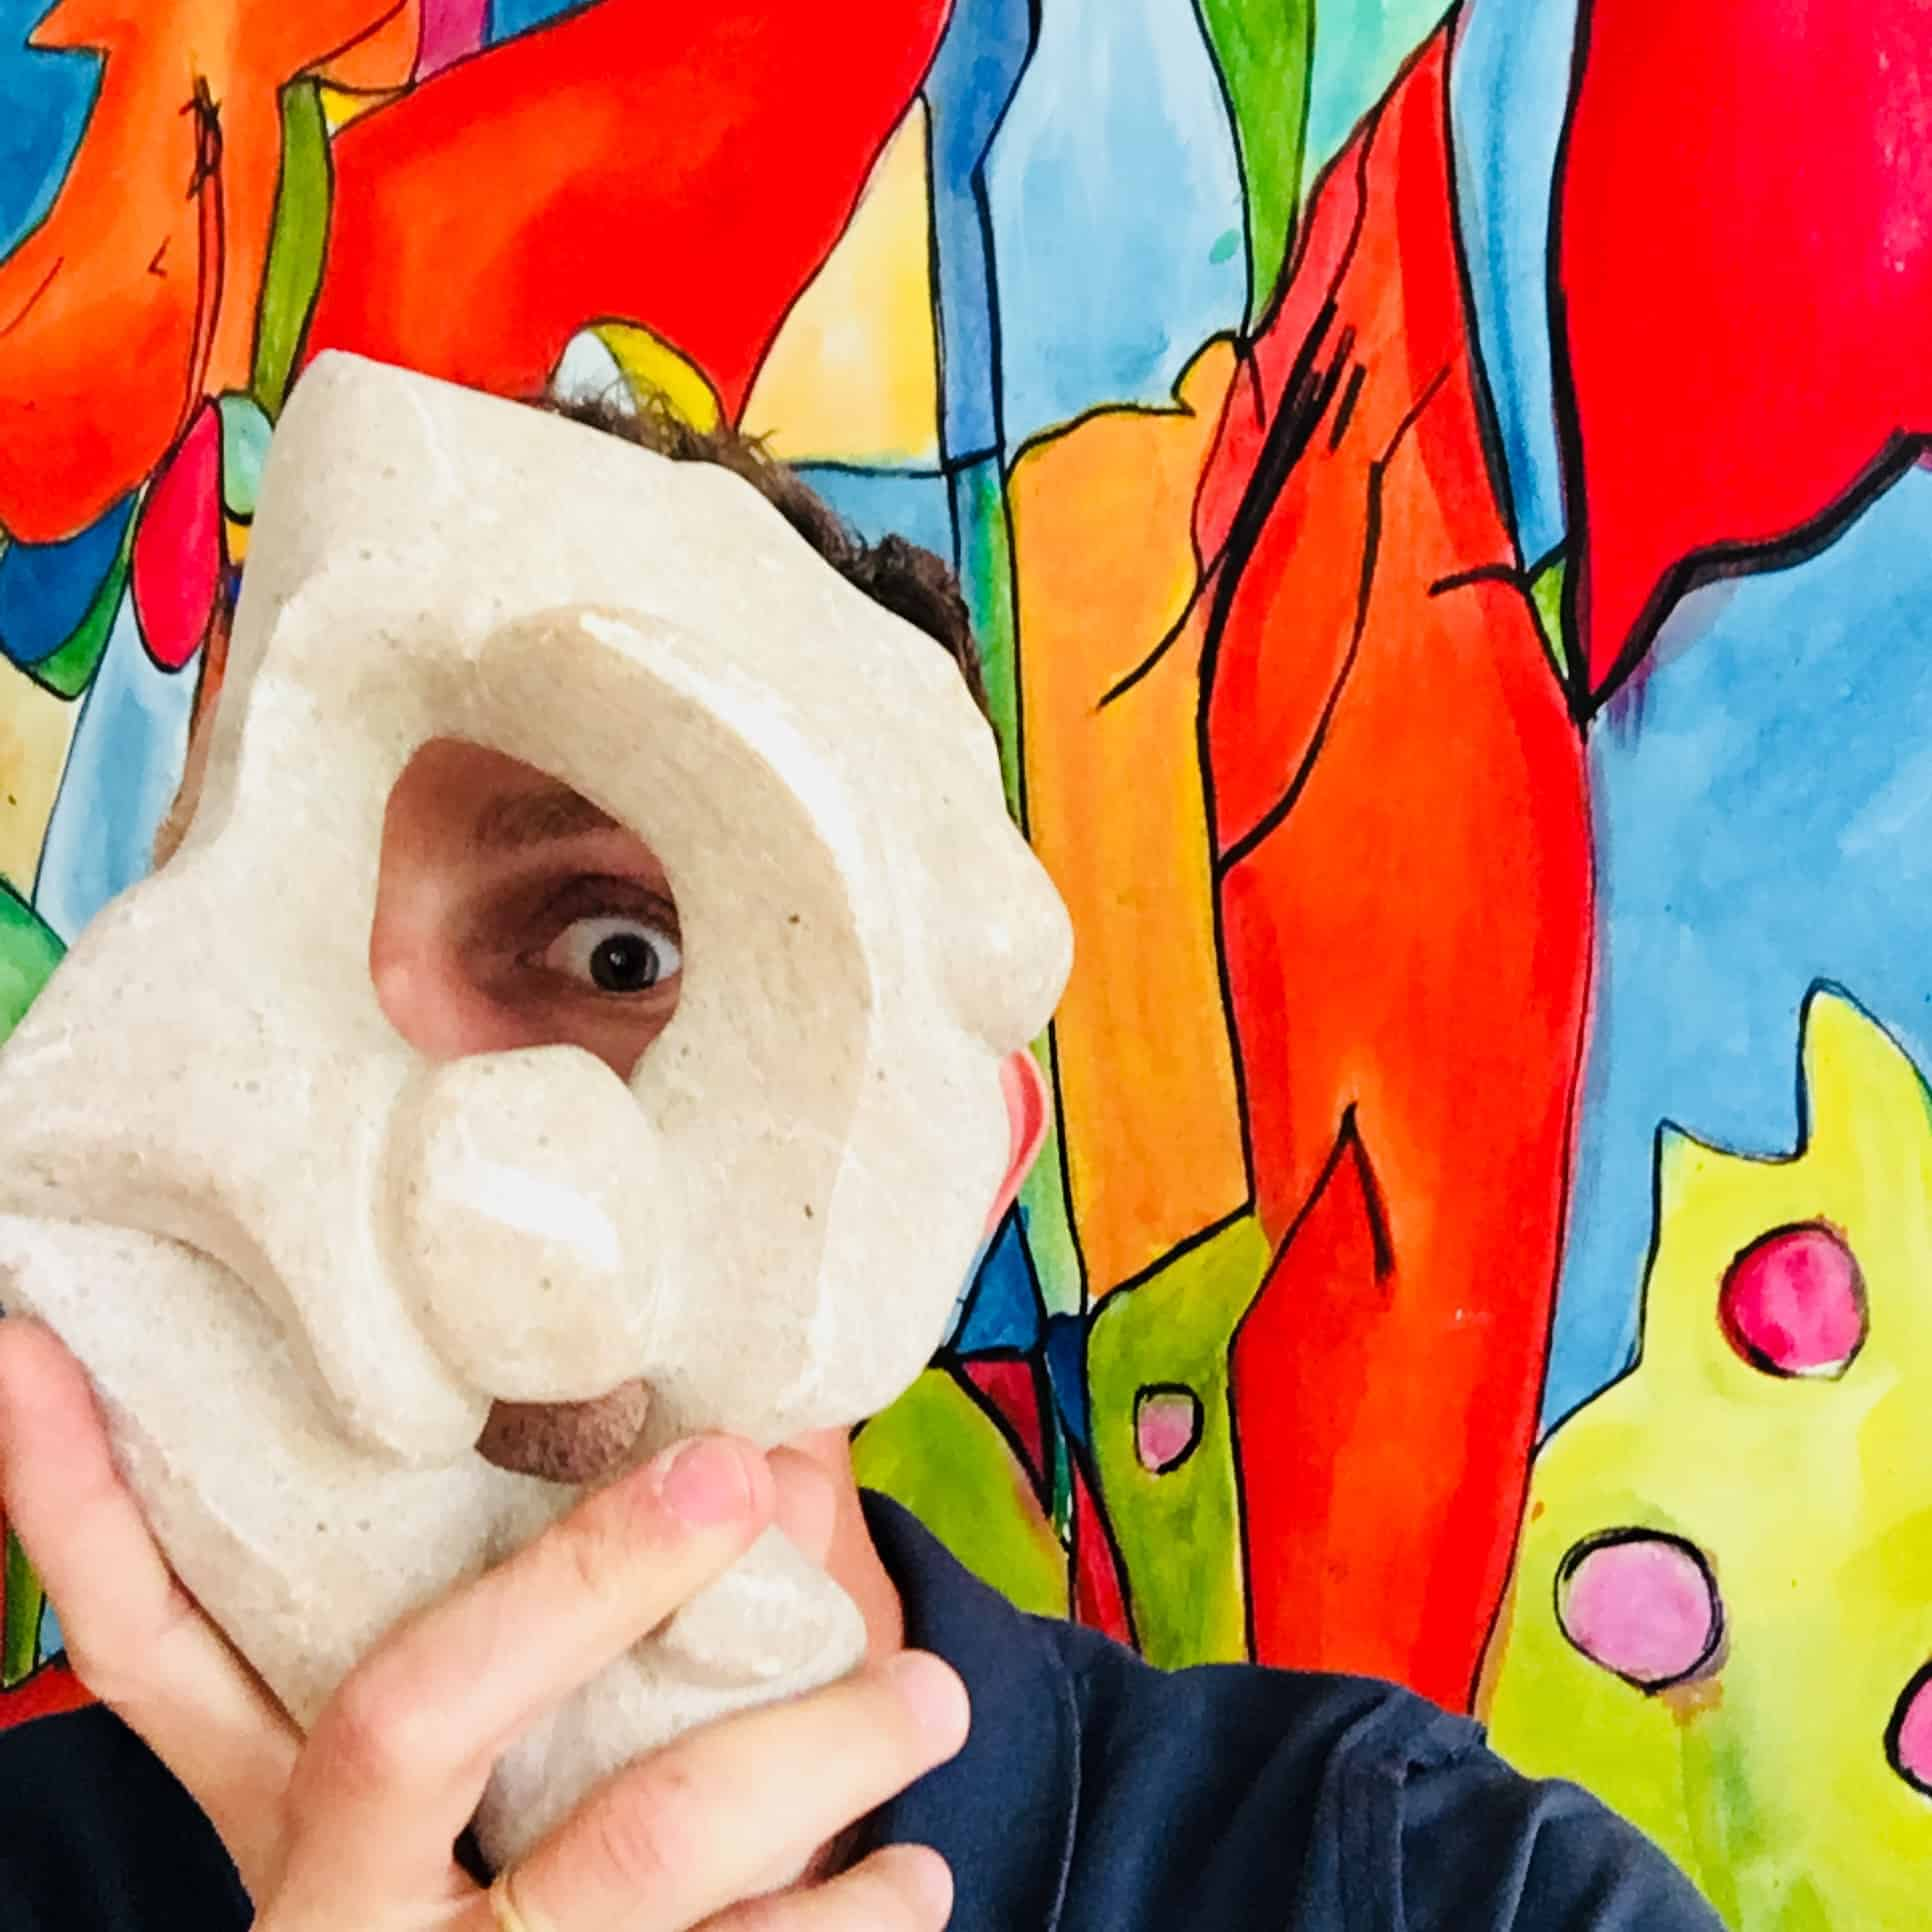 künstler nikolaus kriese atelier malerei